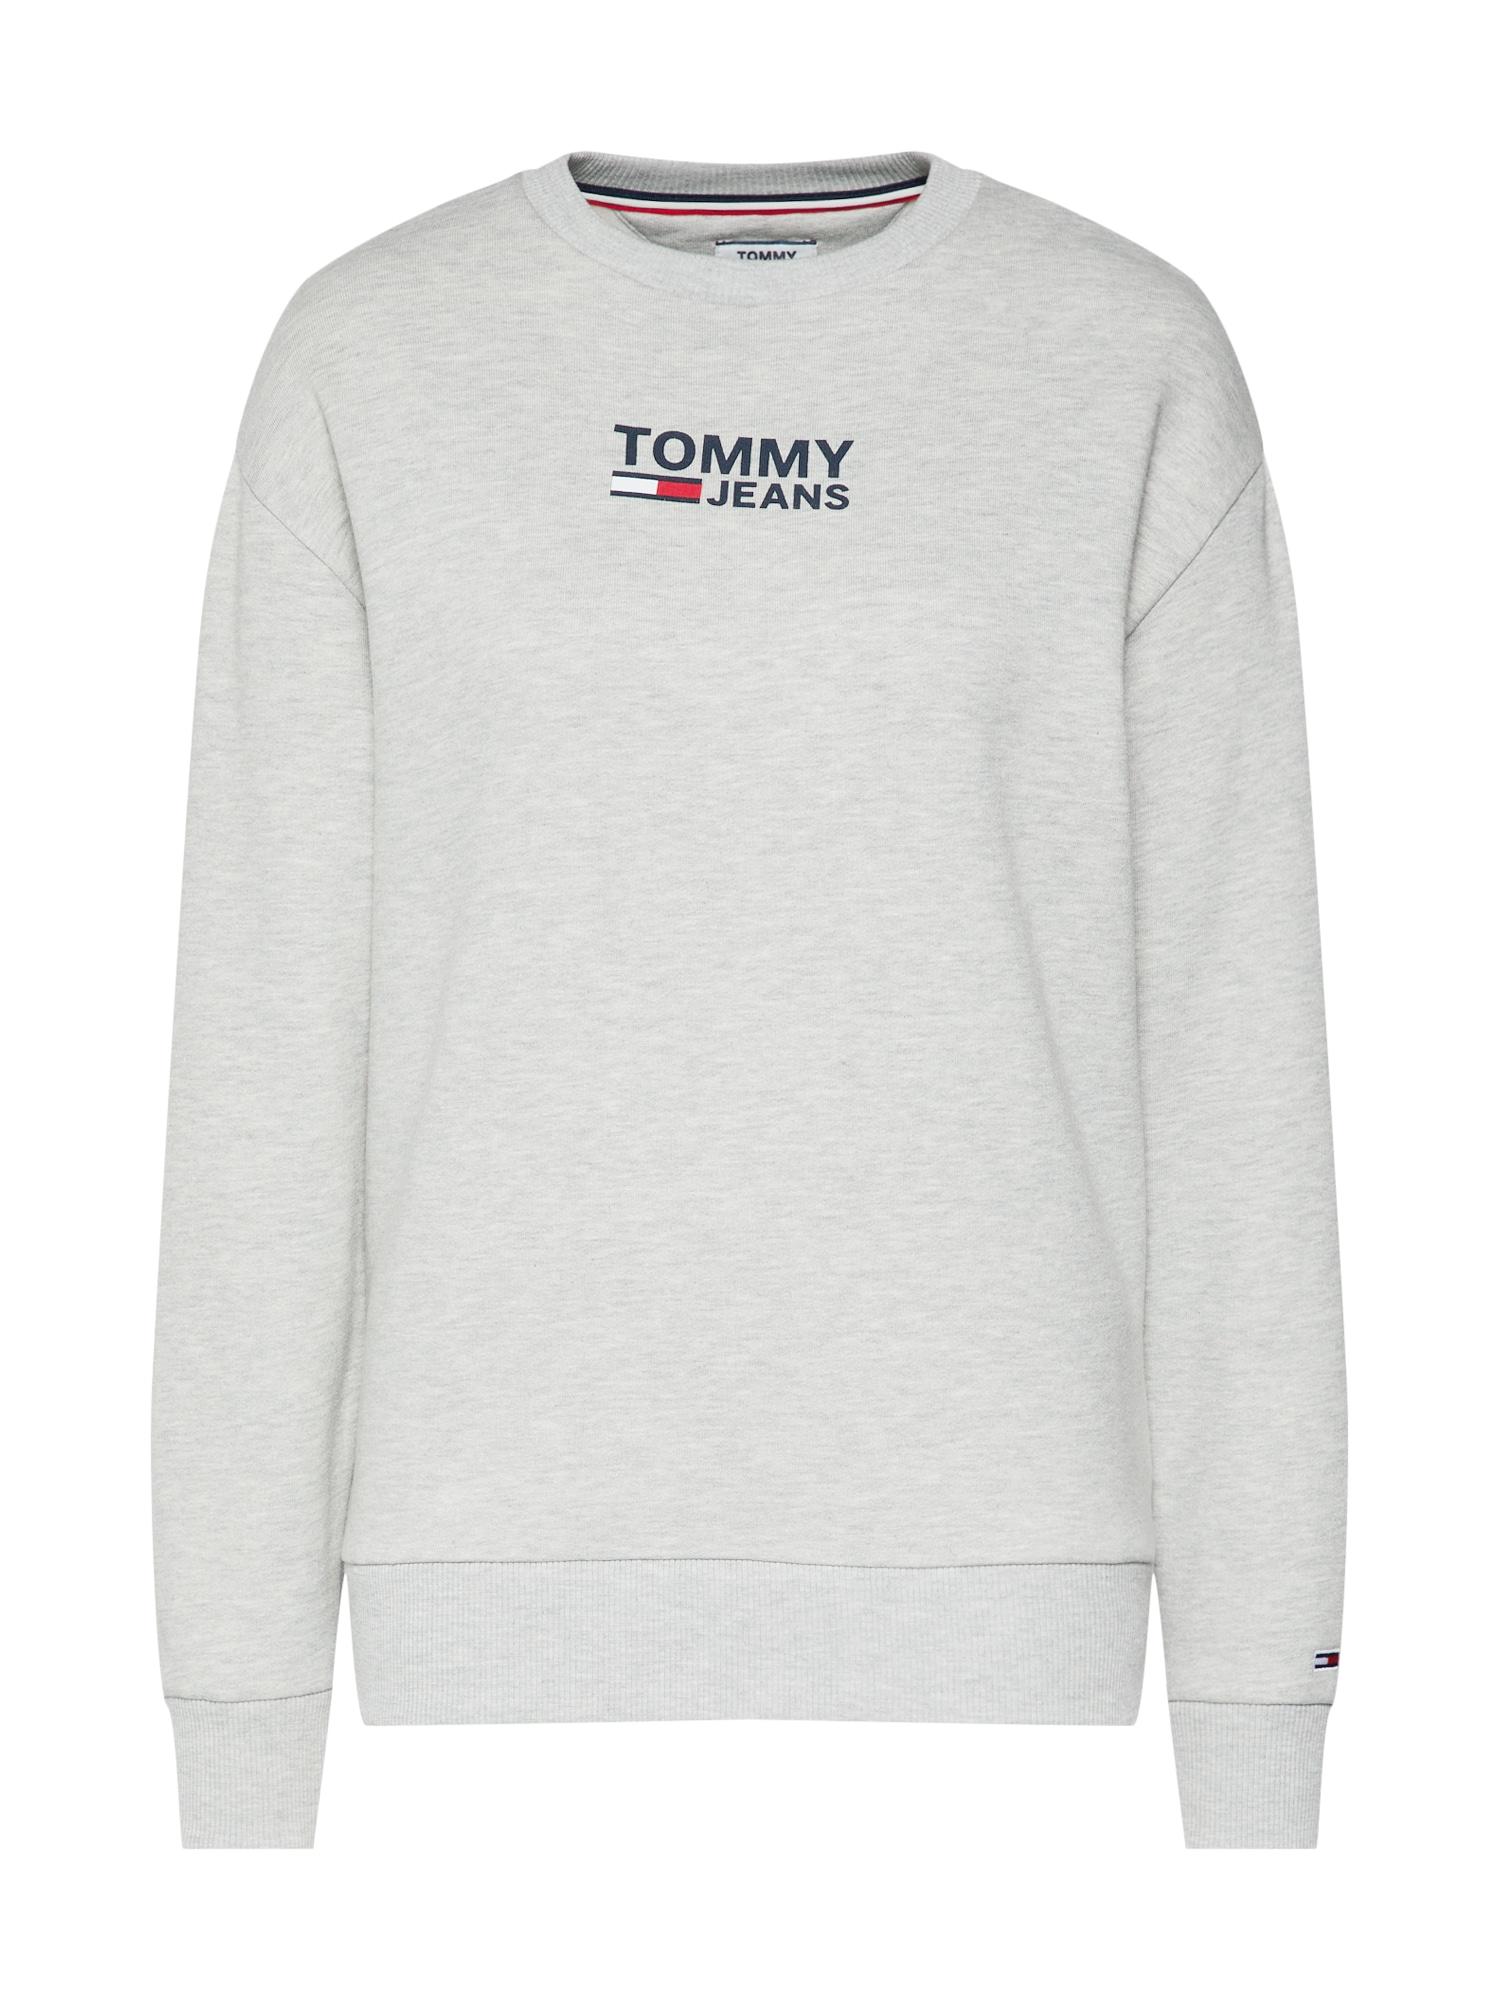 TOMMY HILFIGER, Dames Sweatshirt, grijs gemleerd